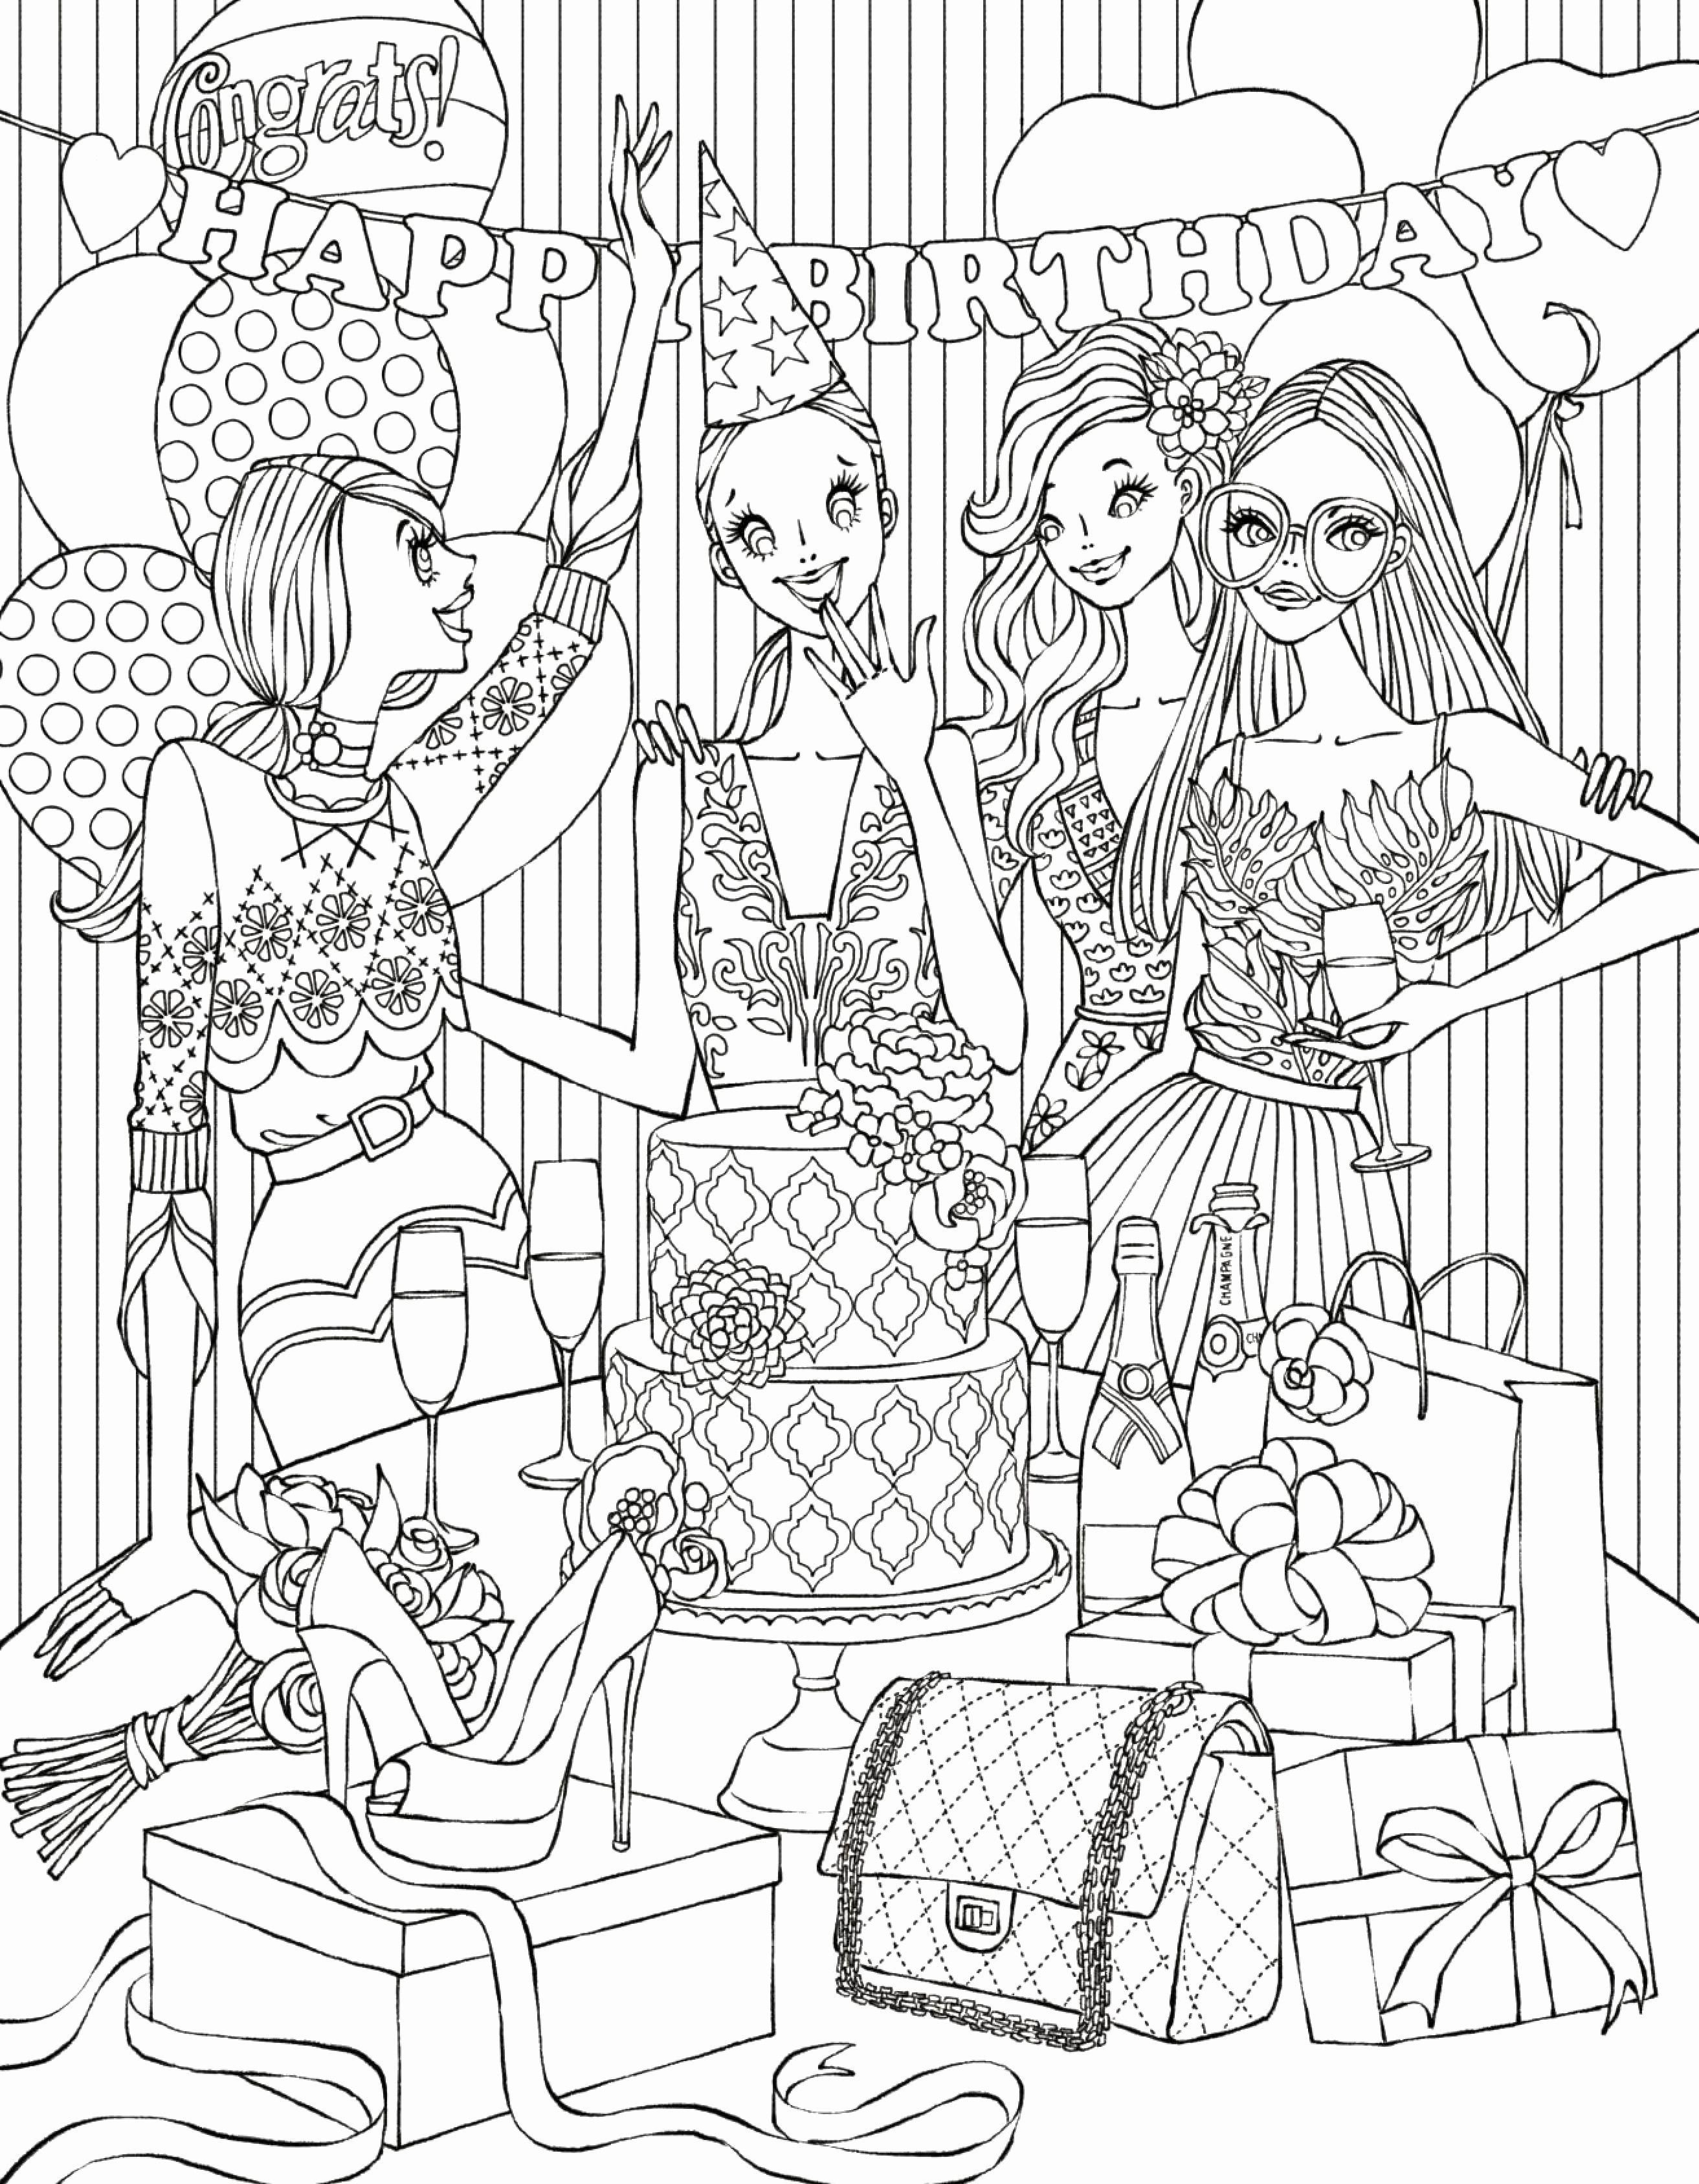 Ausmalbilder Prinzessin Frisch Drache Kokosnuss Ausmalbilder Memory Spiel Selbst Gestalten Bild